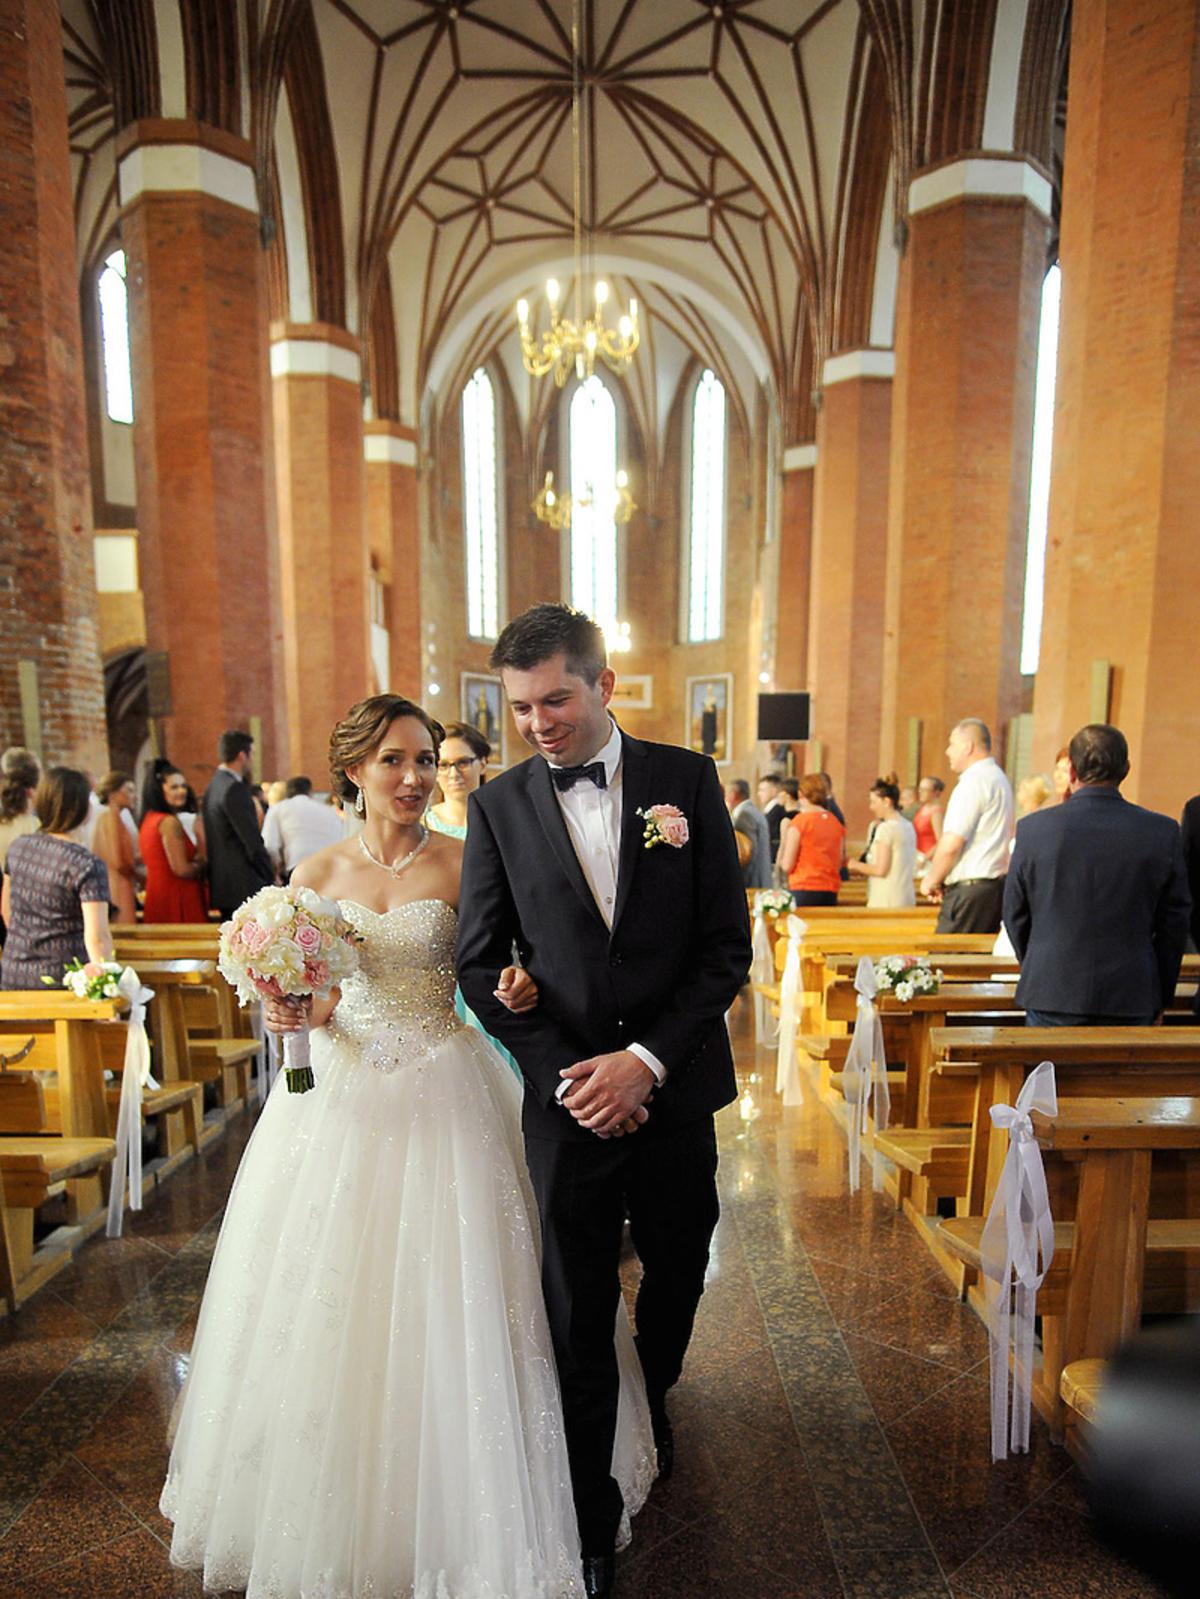 Paweł Szakiewicz z Rolnik szuka żony wziął ślub - zdjęcia